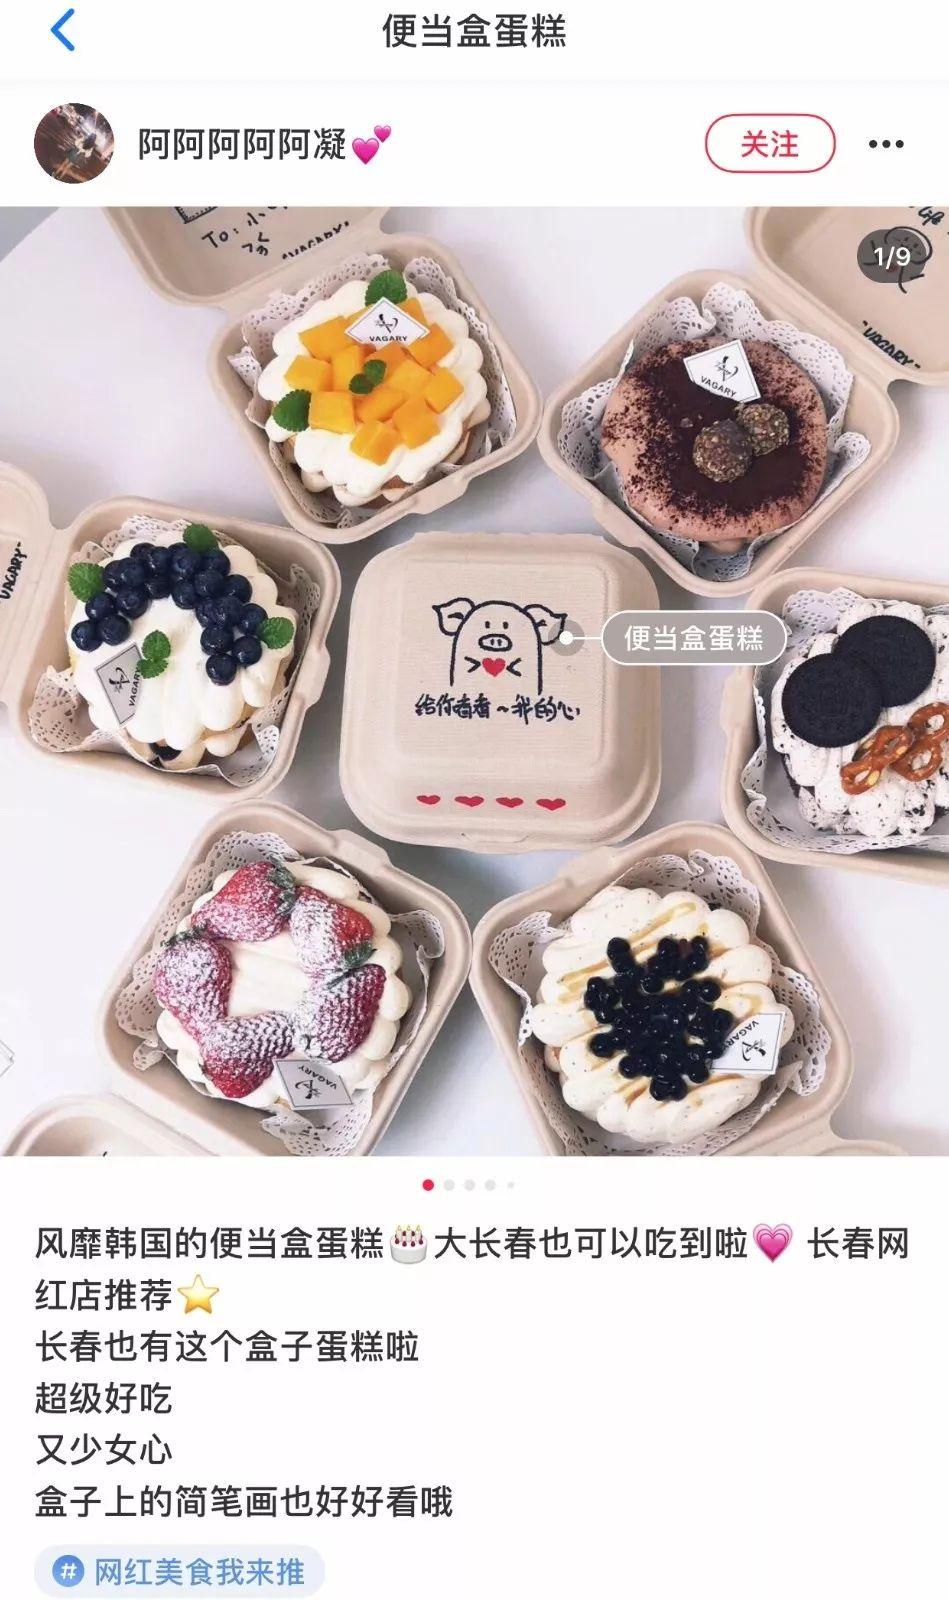 不花钱 火遍韩国 便当盒蛋糕 登陆魔都,半小时就被抢空 珍珠 水晶球